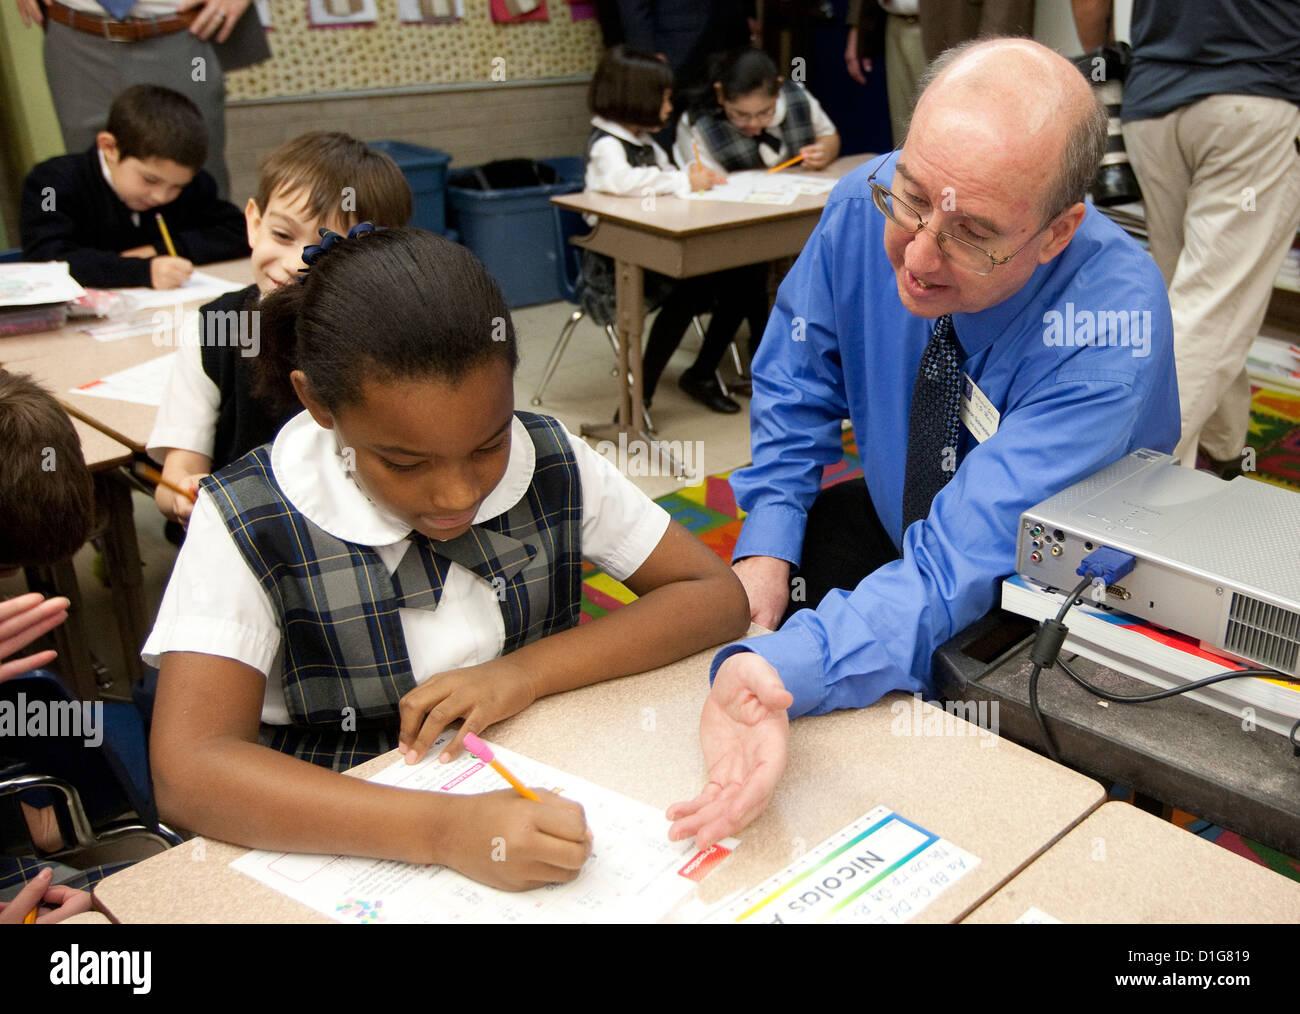 Maschio bianco insegnante assiste afroamericana e Anglo studenti indossando uniforme in corrispondenza privata cattolica Immagini Stock